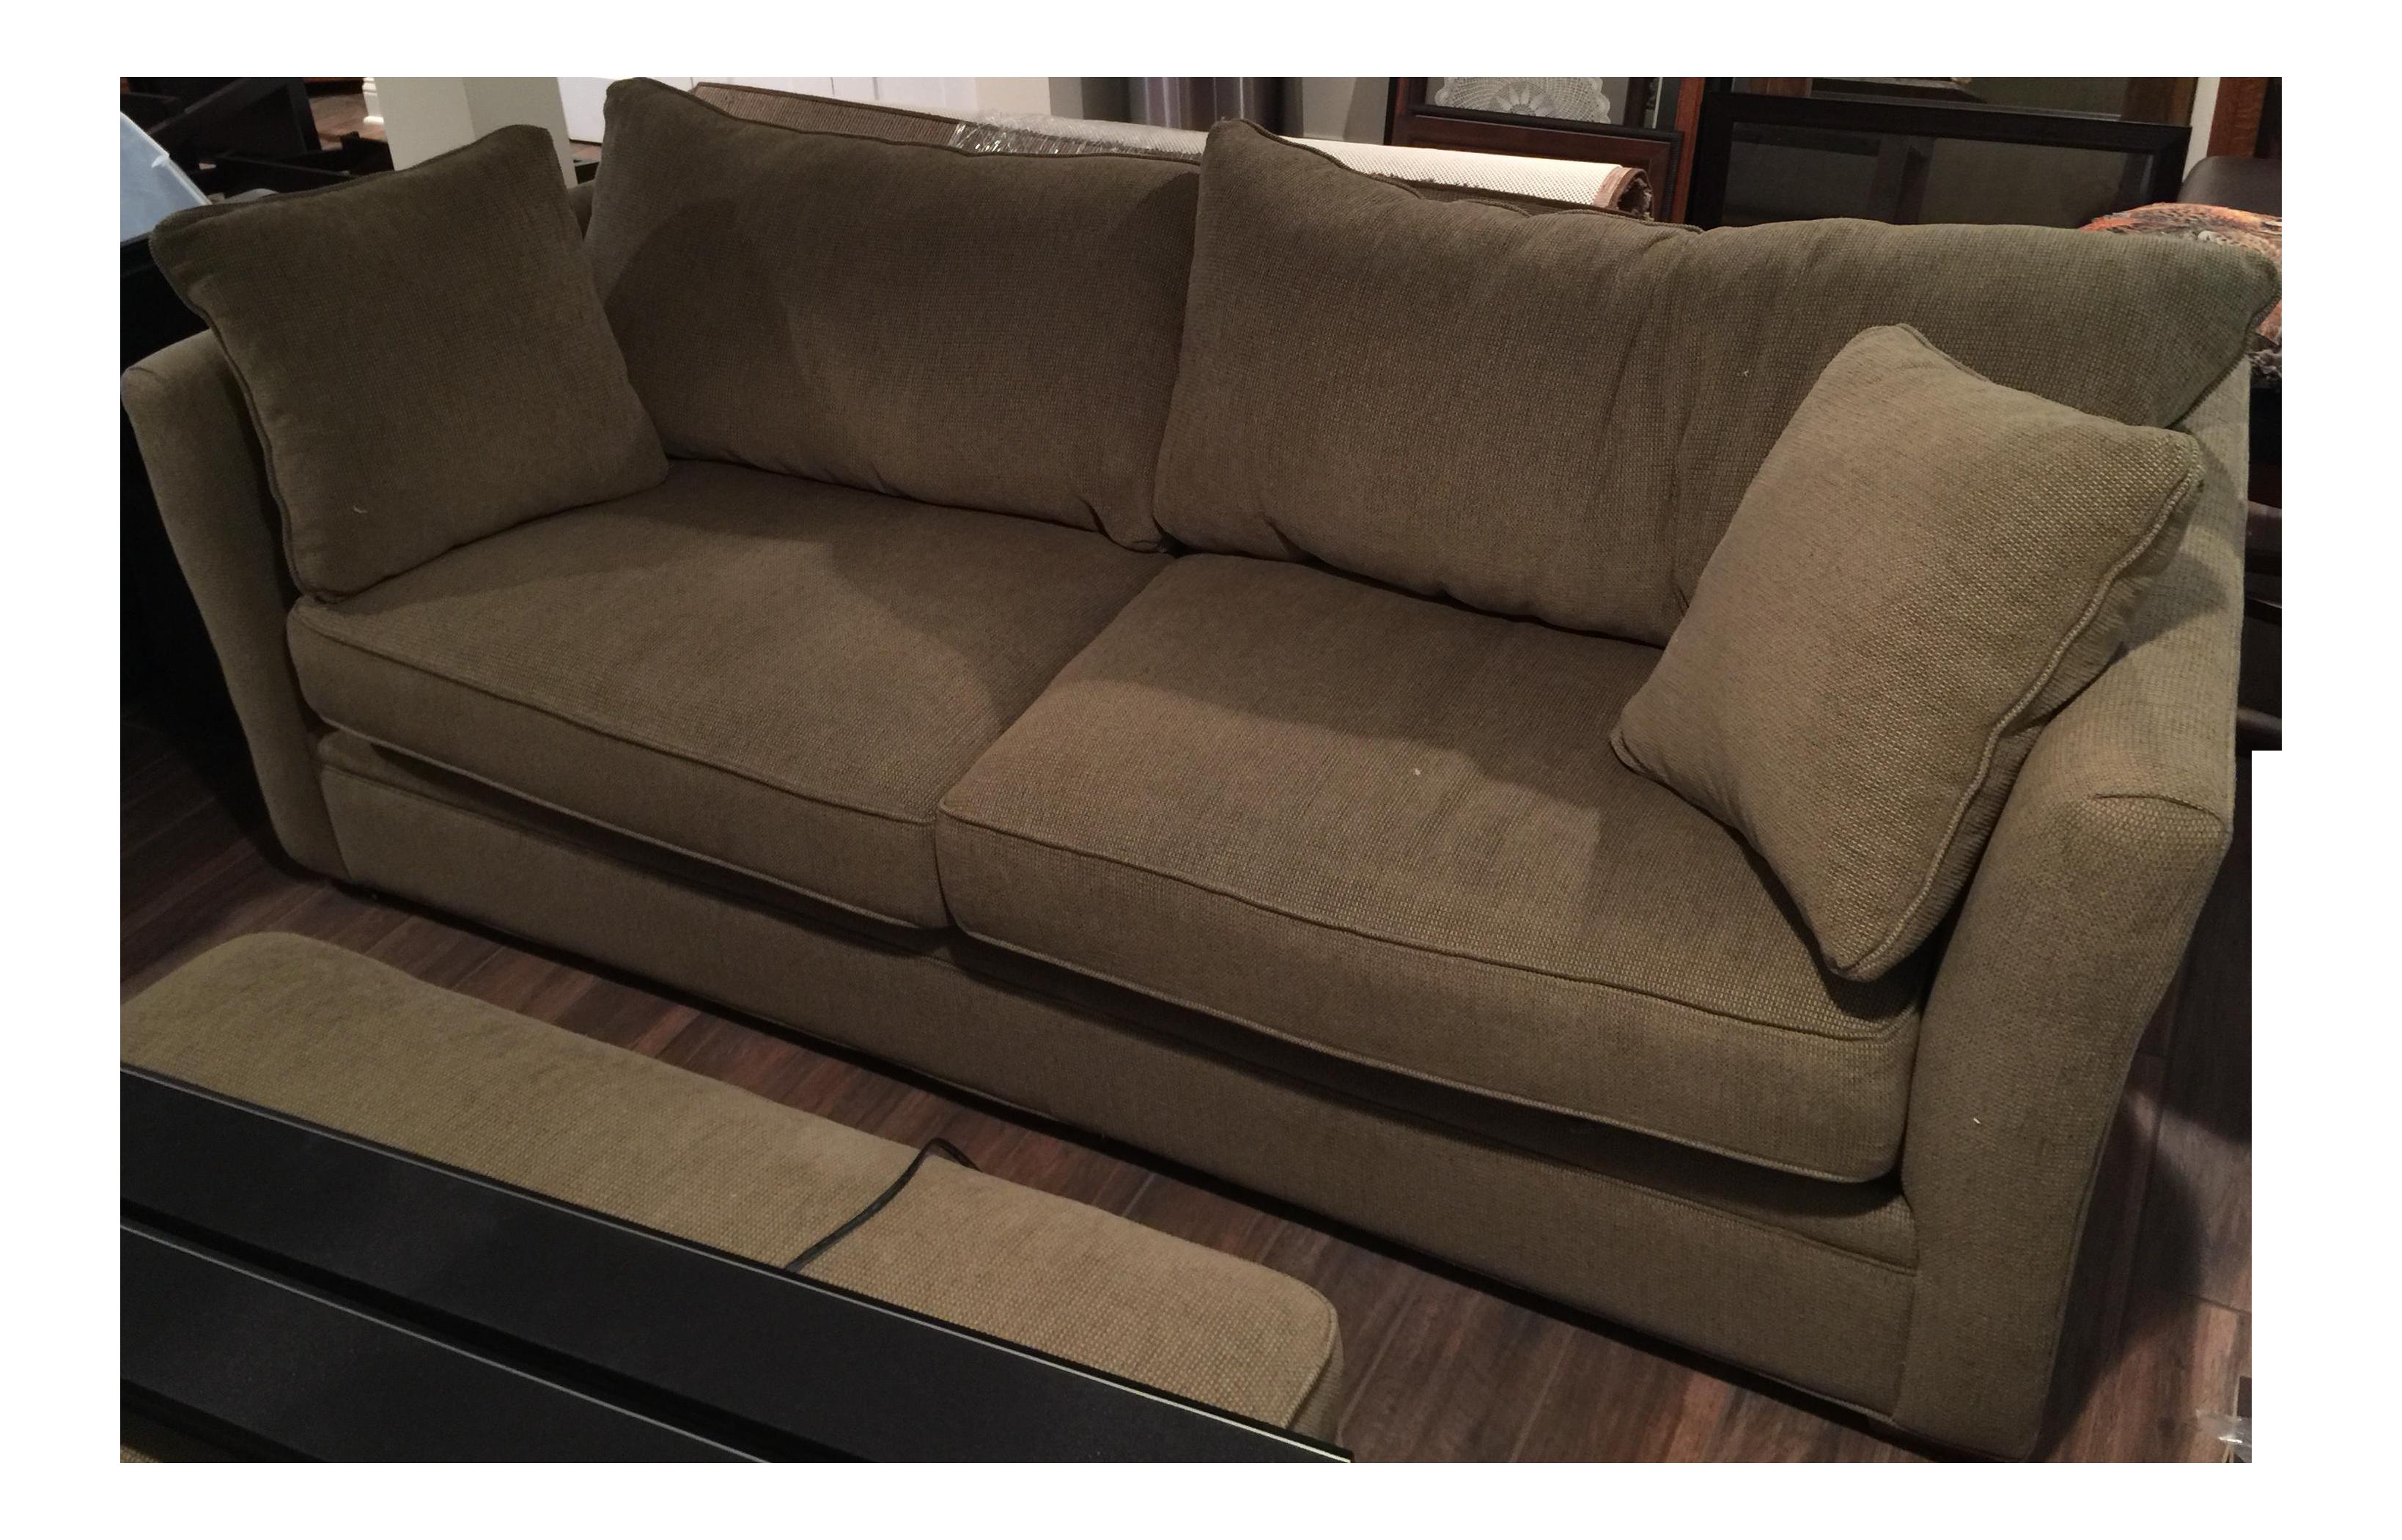 Charming Room U0026 Board Pennington Sleeper Sofa